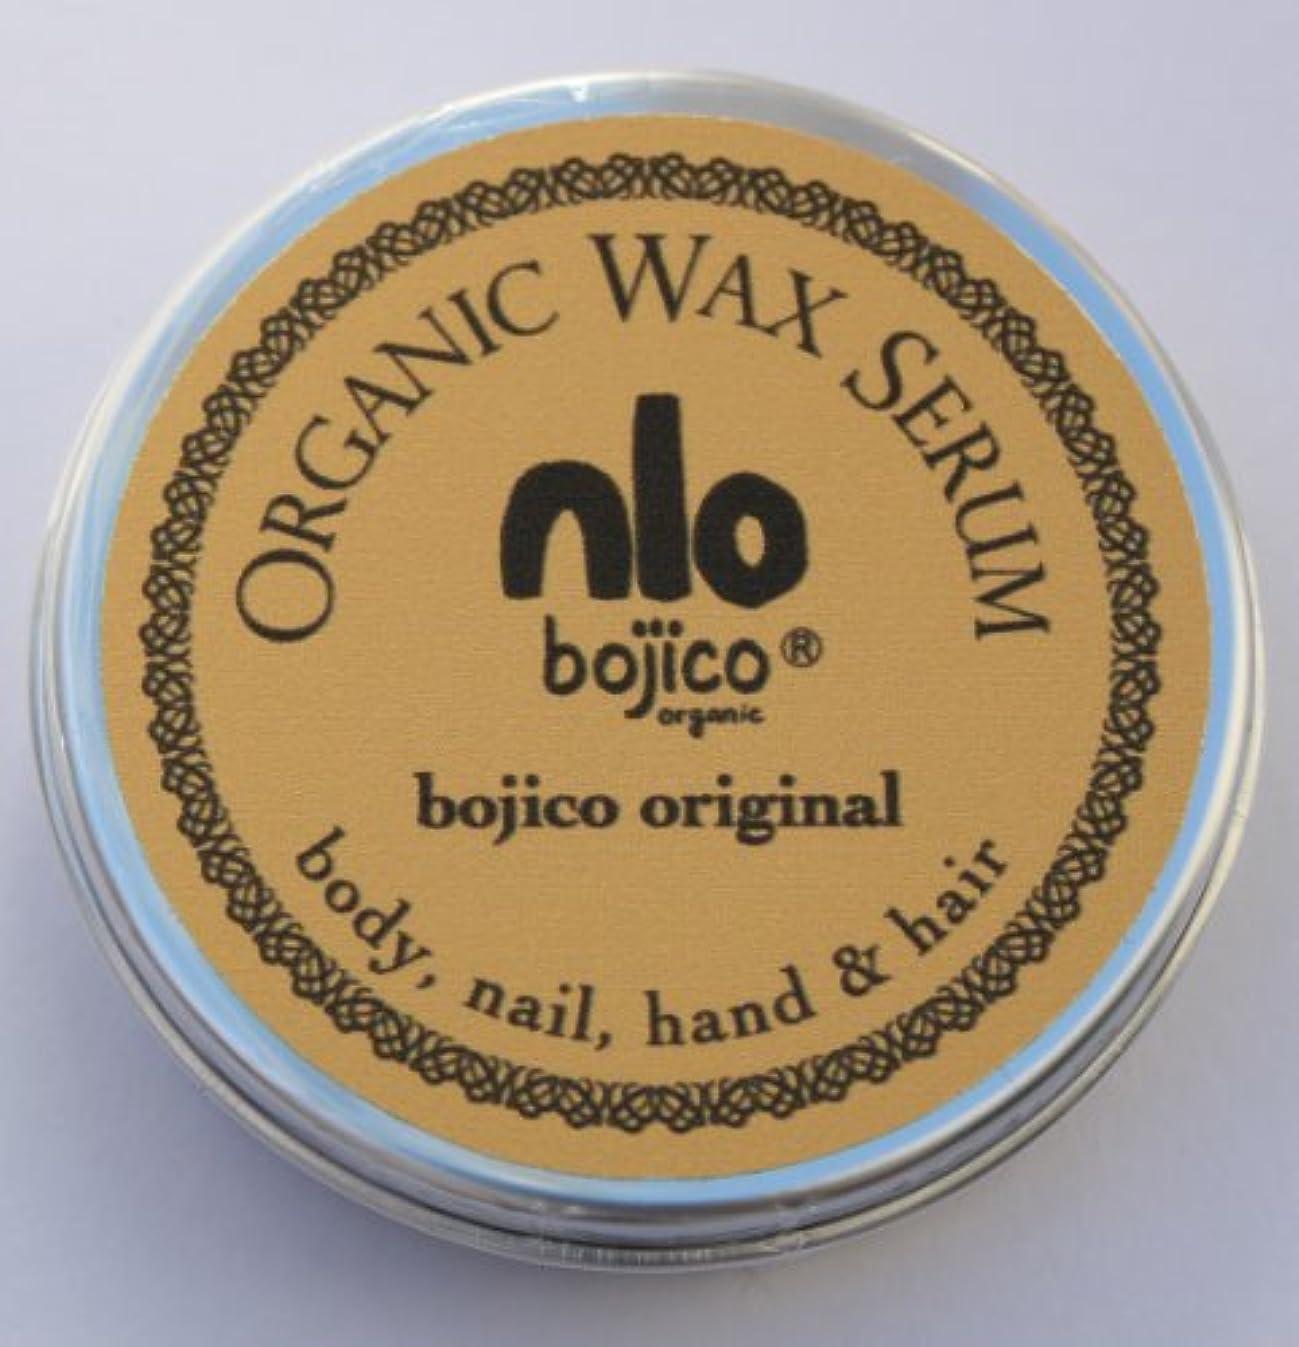 ジュース悪行つぶやきbojico オーガニック ワックス セラム<オリジナル> Organic Wax Serum 40g